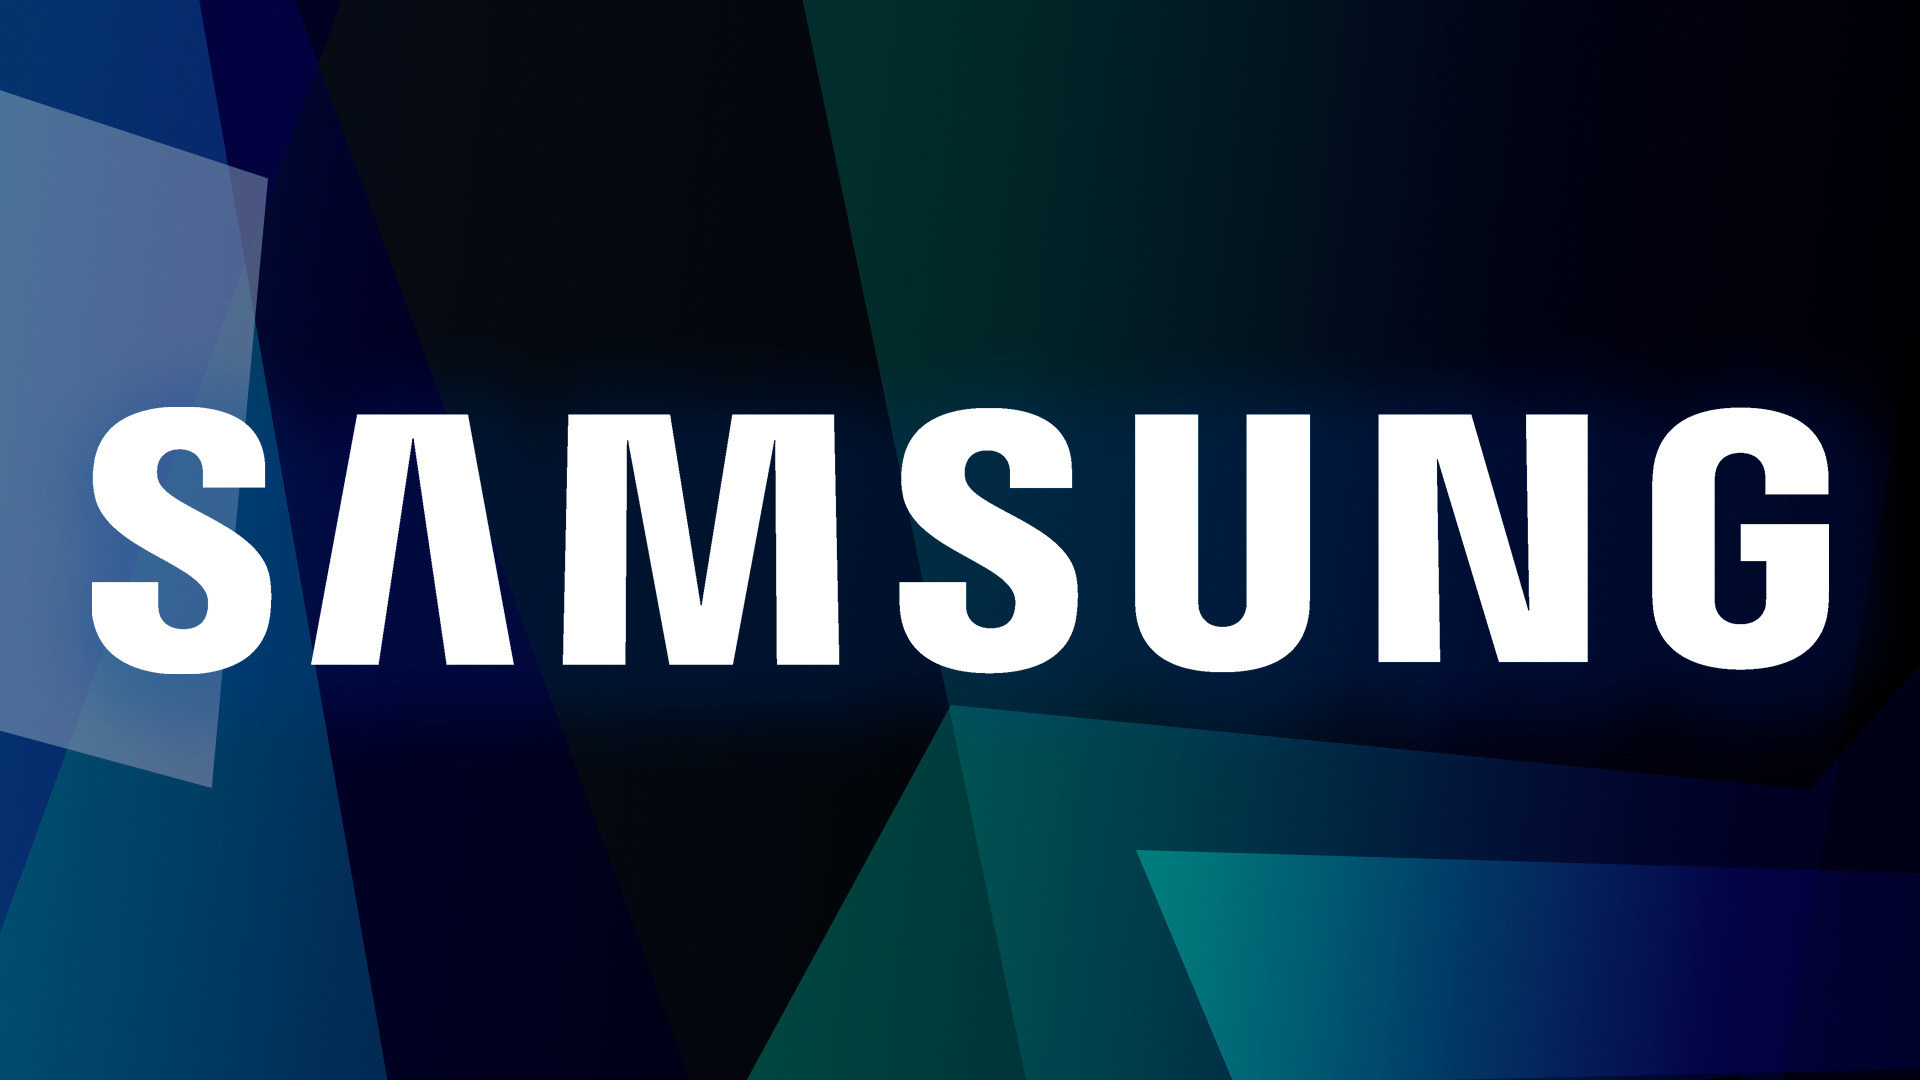 Samsung, Logo, Galaxy, Launch, Ceo, Event, Keynote, Vorstellung, Samsung Mobile, Präsentation, Livestream, Samsung Electronics, Einladung, Unpacked, Neuvorstellung, Samsung Unpacked, Veranstaltung, Events, Samsung Display, Neuheiten, Bühne, Redner, Produktneuheit, Event-Einladung